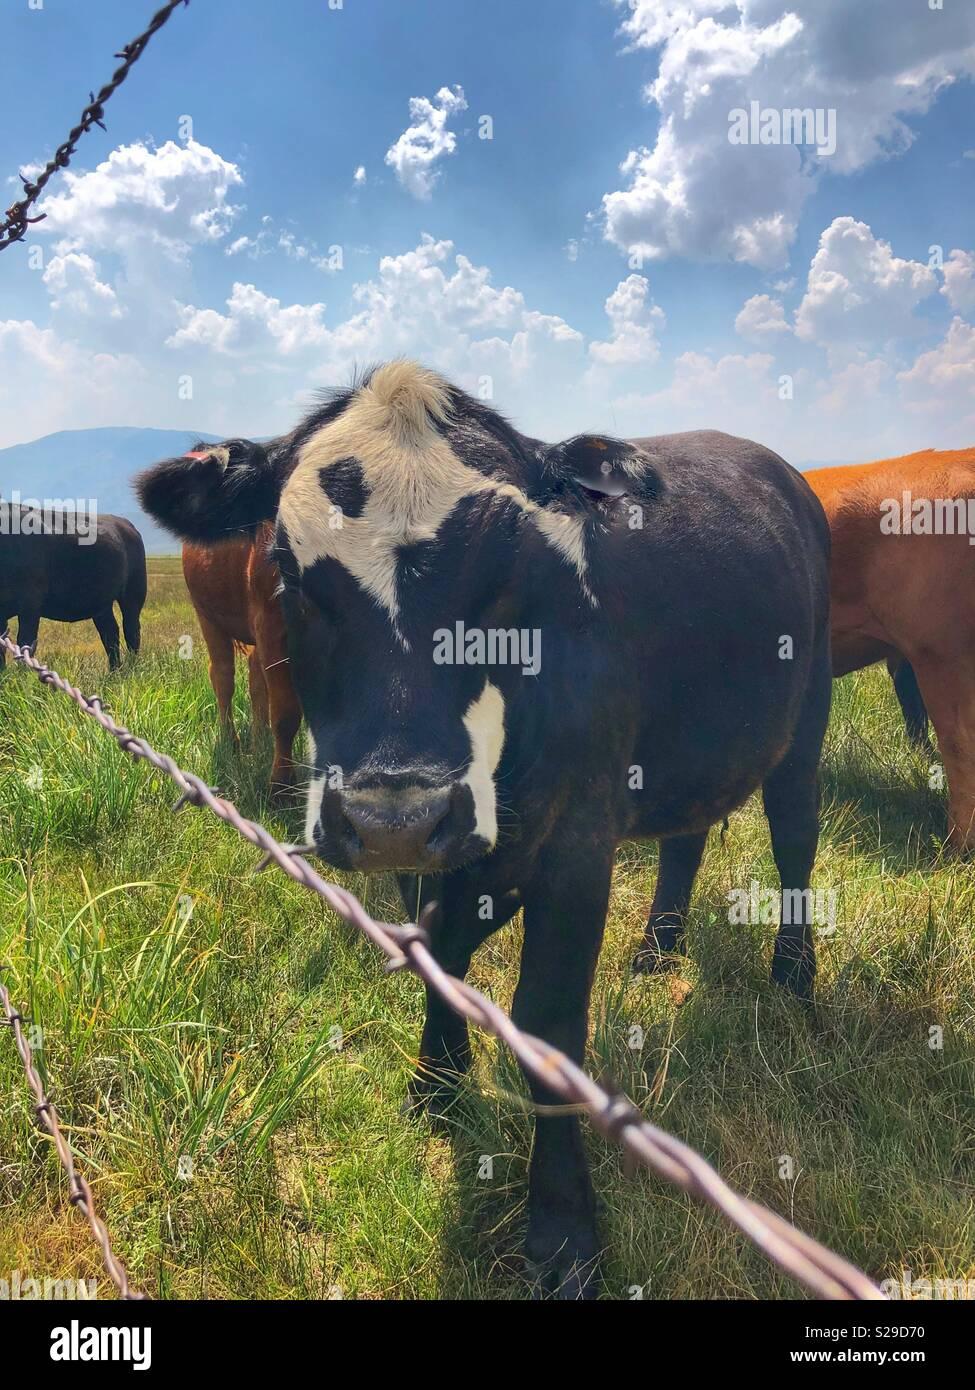 Jusqu'à la vache avec près de moi Photo Stock